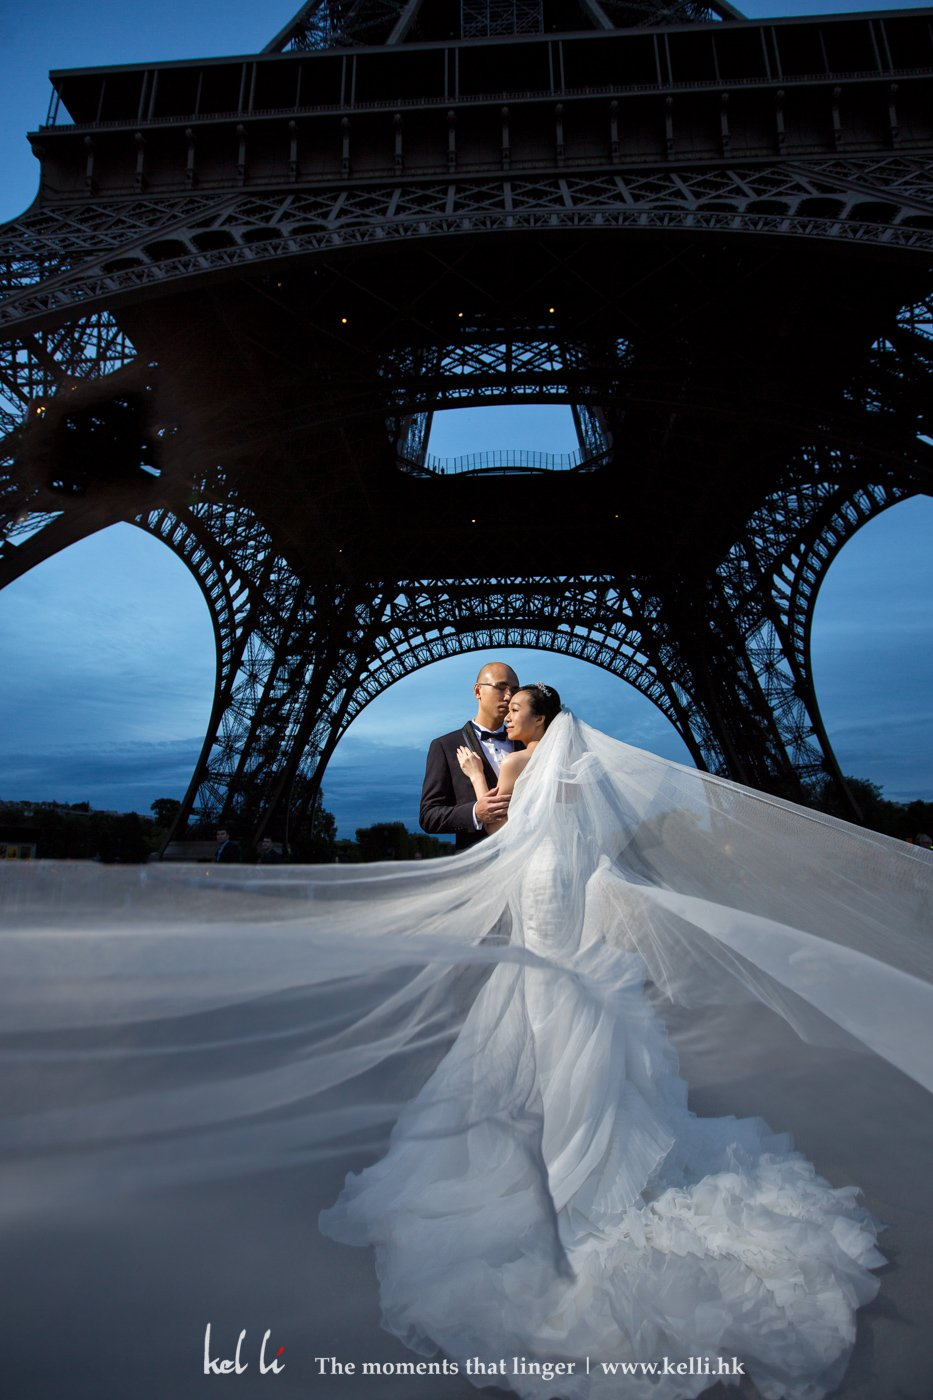 新人在巴黎鐵塔腳下